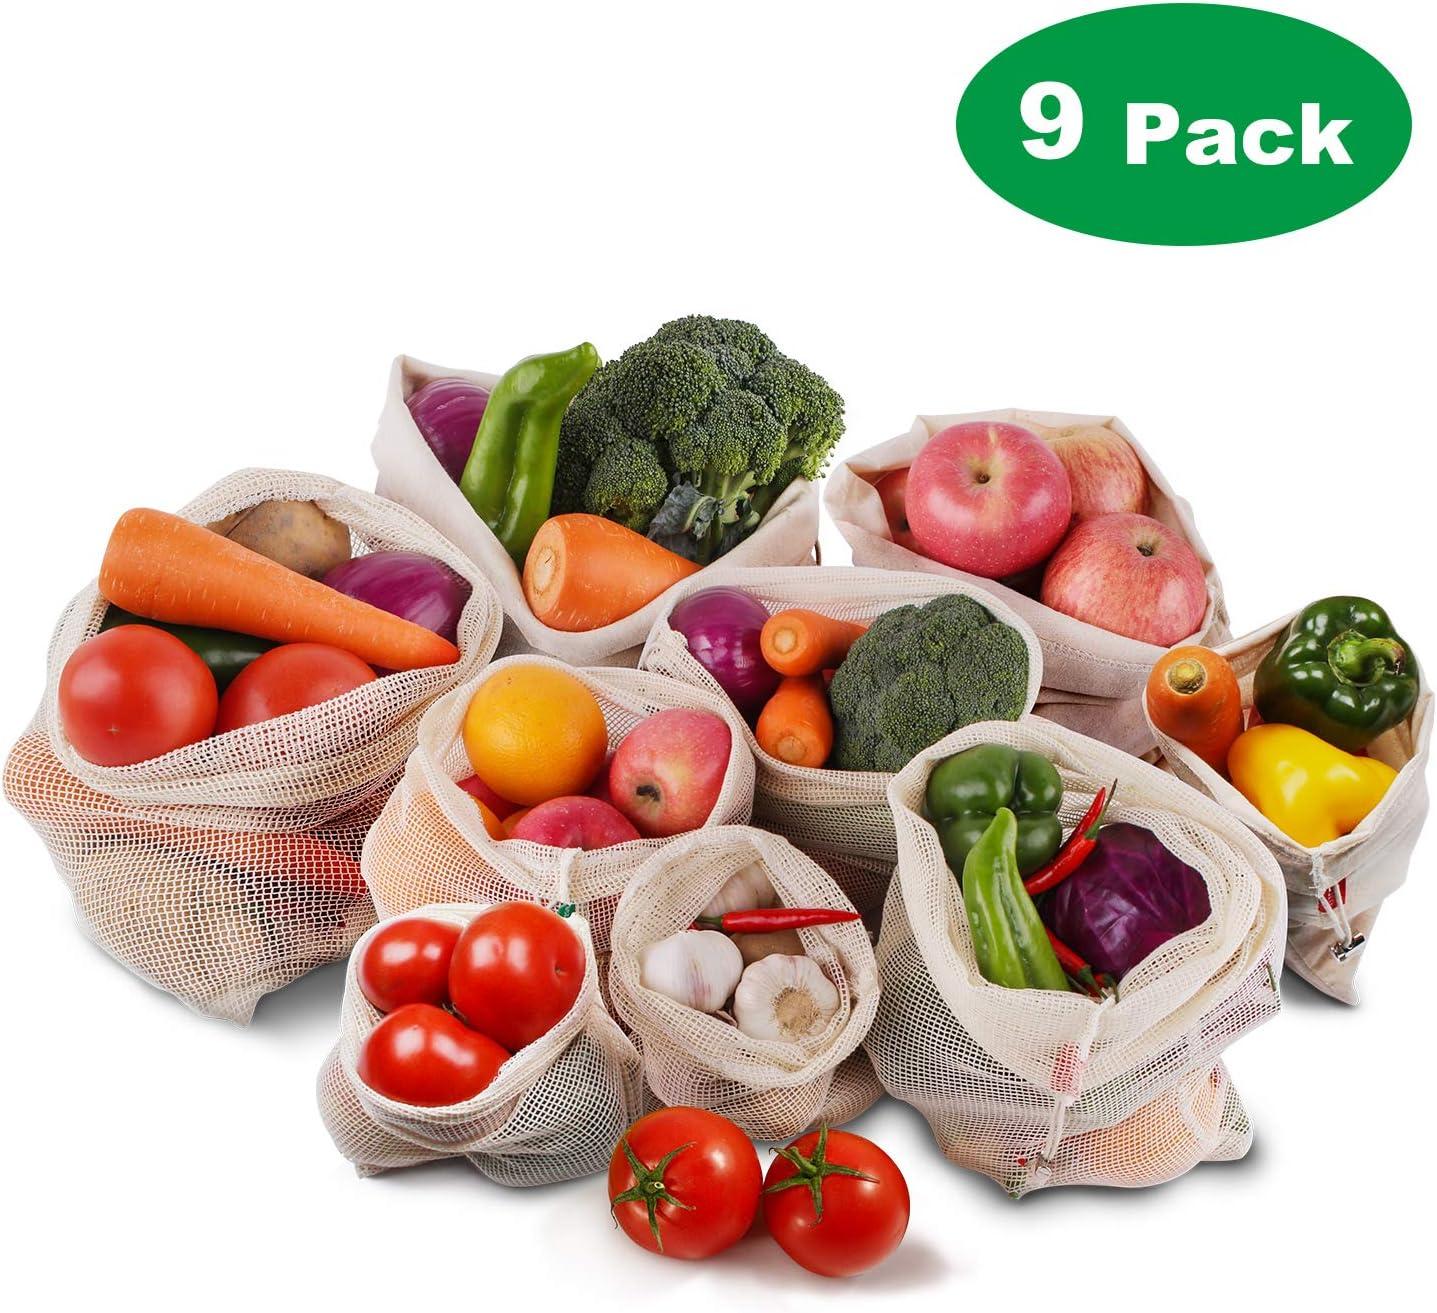 Bolsa de Producción Reutilizable,Roleadro 9 piezas Bolsas de Malla de algodón Reutilizables Lavable y Transpirable Bolsas ecológicas para Almacenamiento de alimentos Frutas Verduras y Juguetes